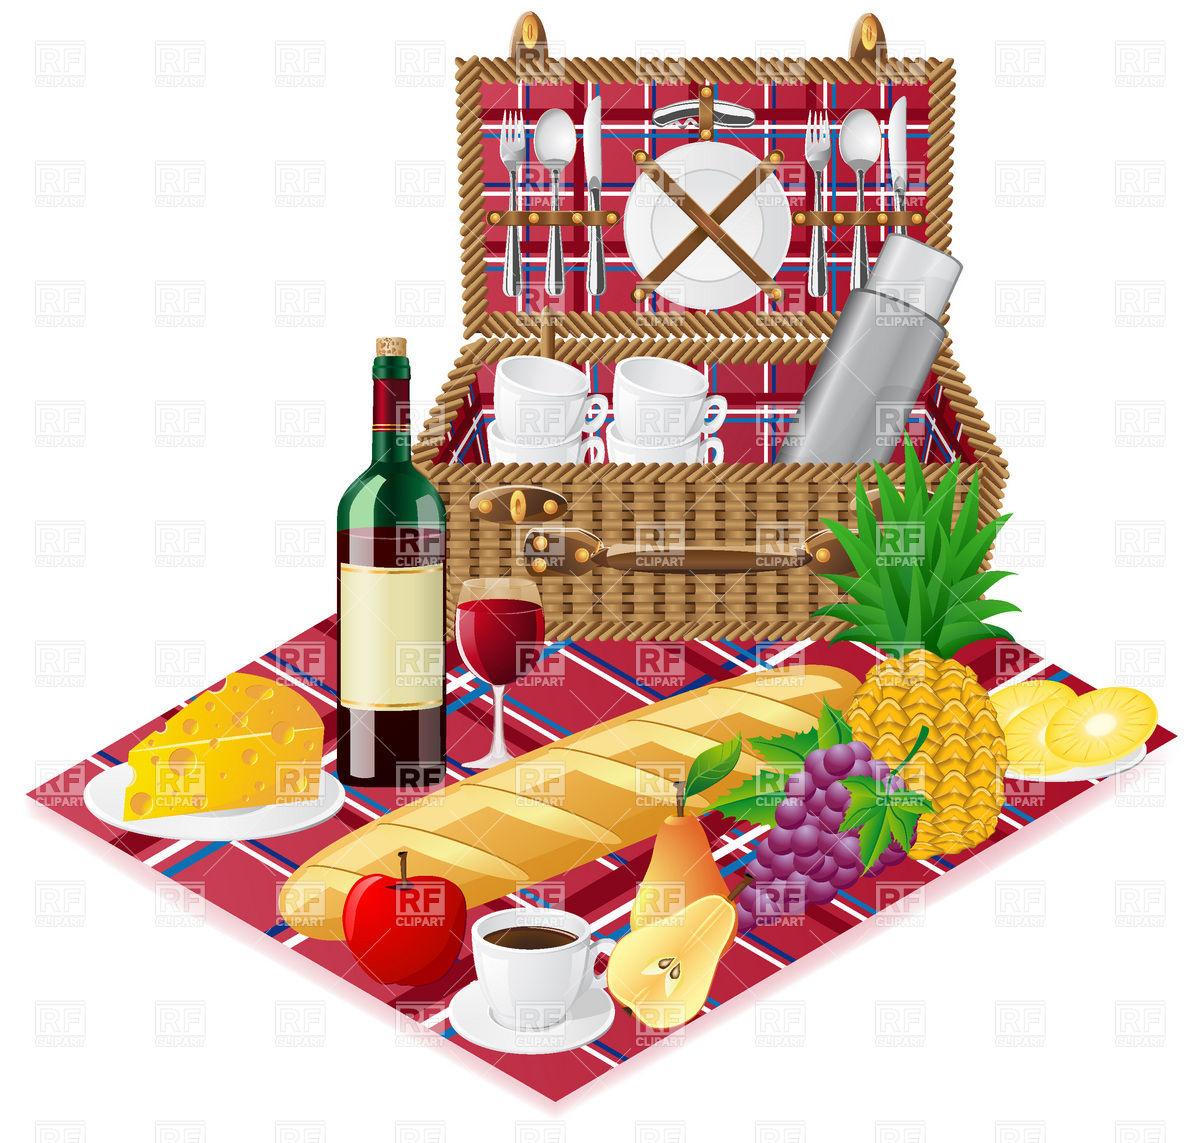 Picnic Basket Graphic : Clip art picnic basket food clipart suggest